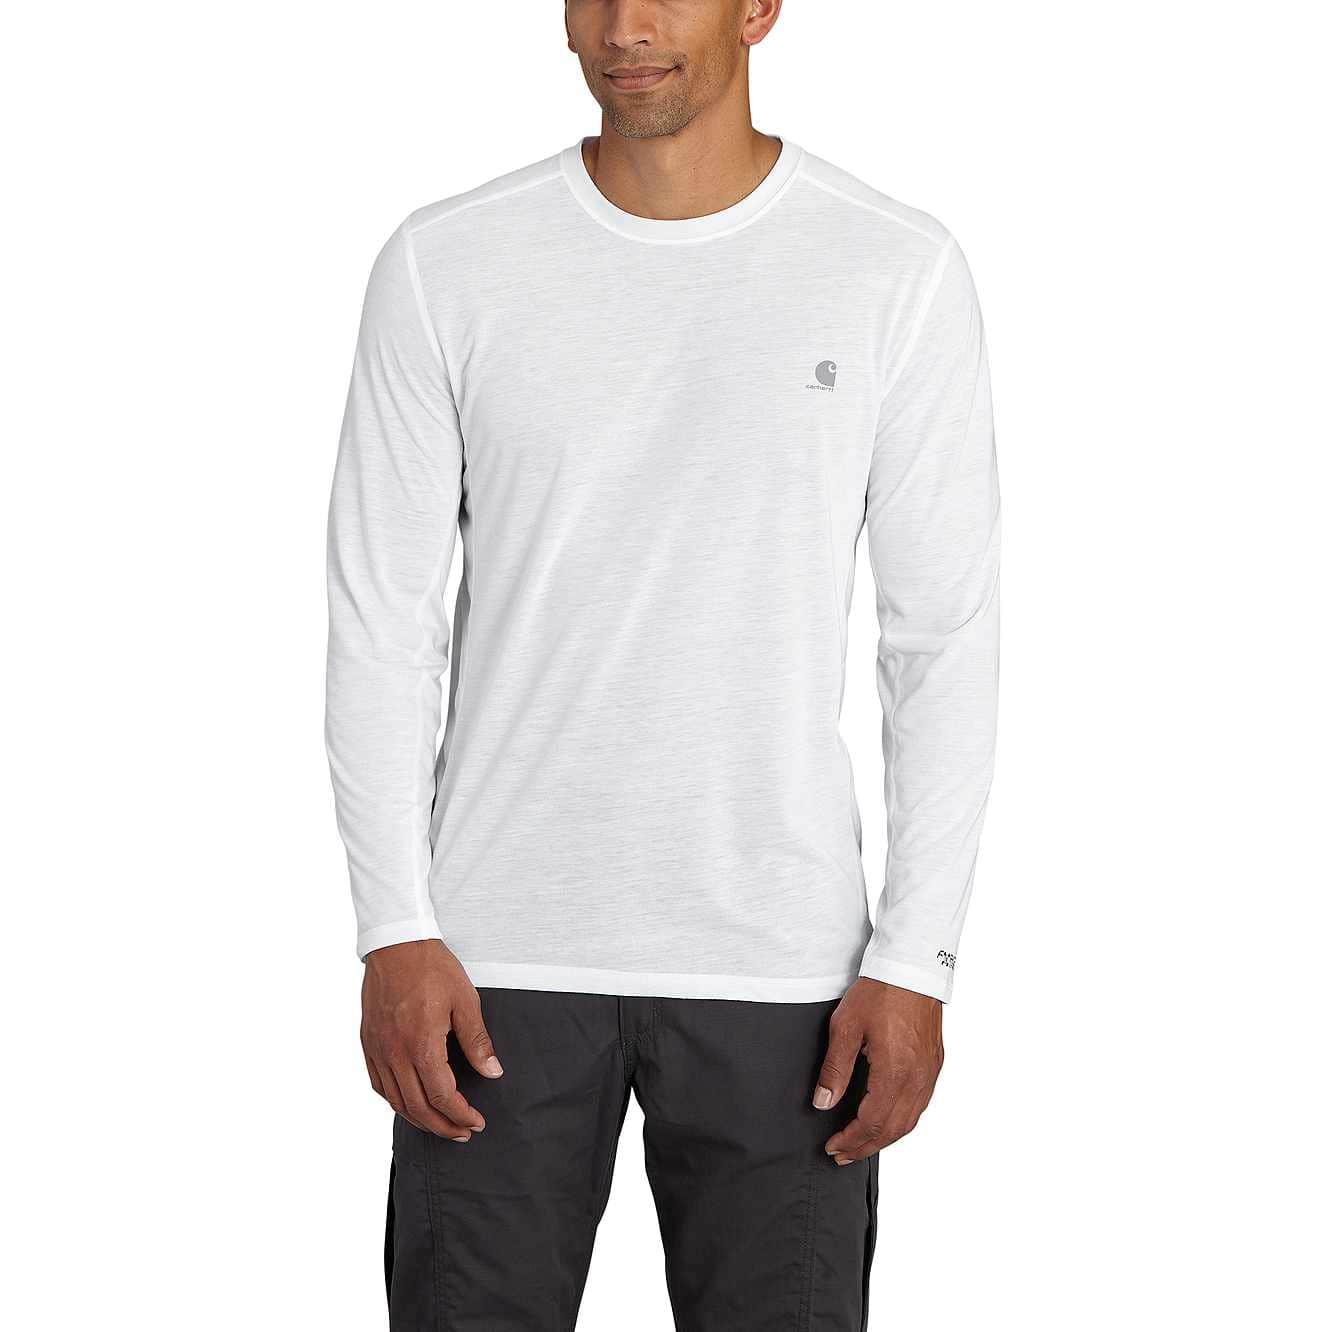 e0b0cab2d026 Men's Carhartt Force Extremes® Long-Sleeve T- Shirt | Carhartt